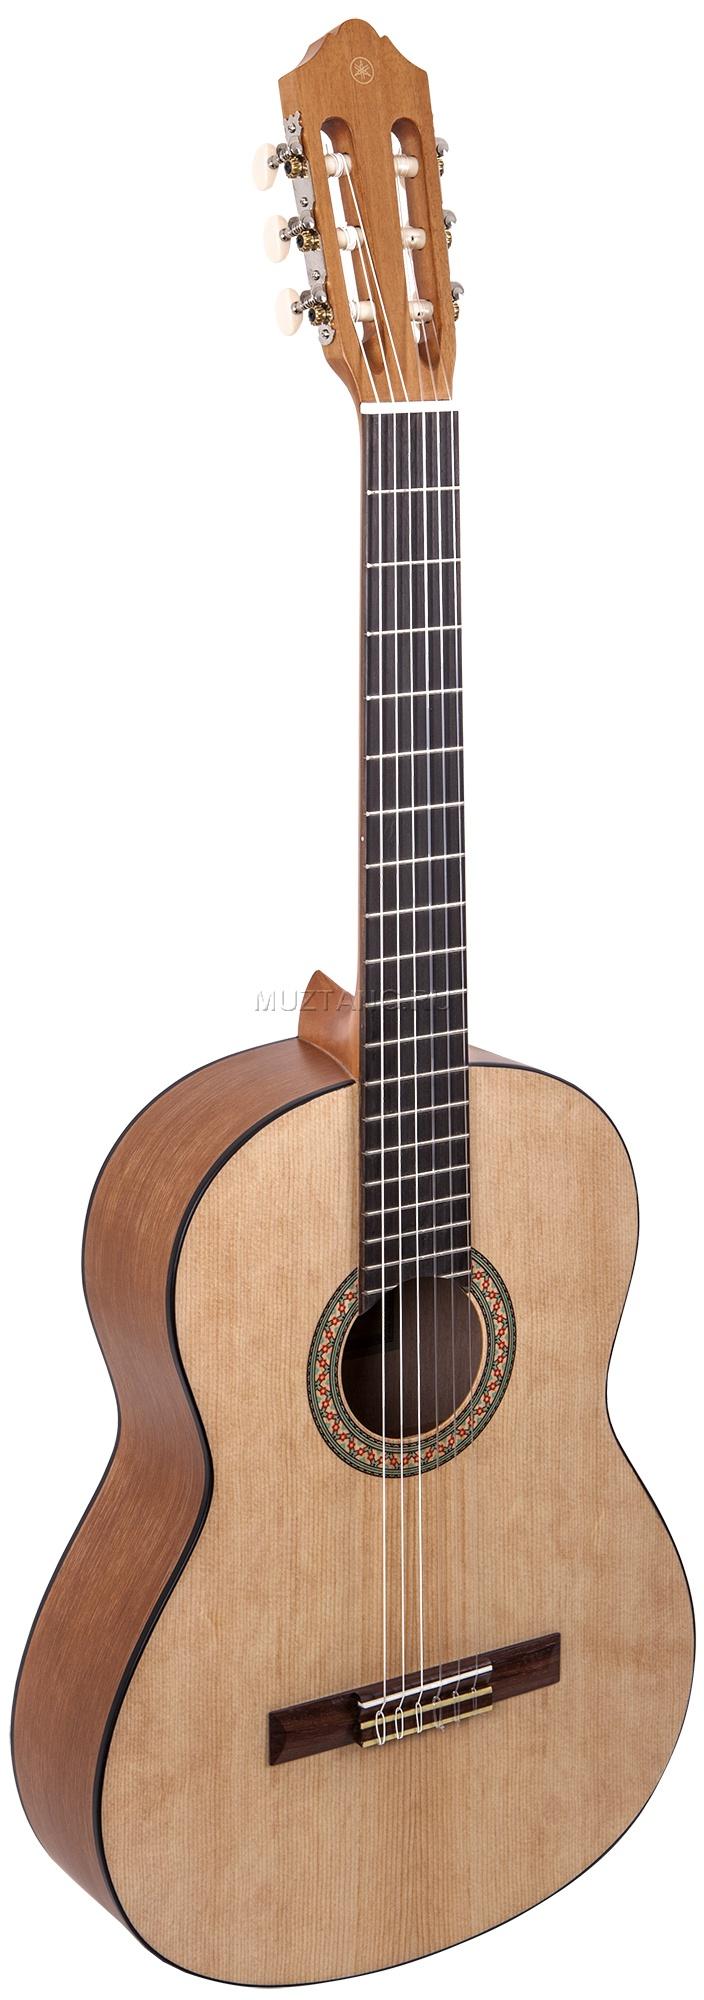 Yamaha C40M гитара классическая, матовое покрытие бас гитара yamaha trbx 174 ovs